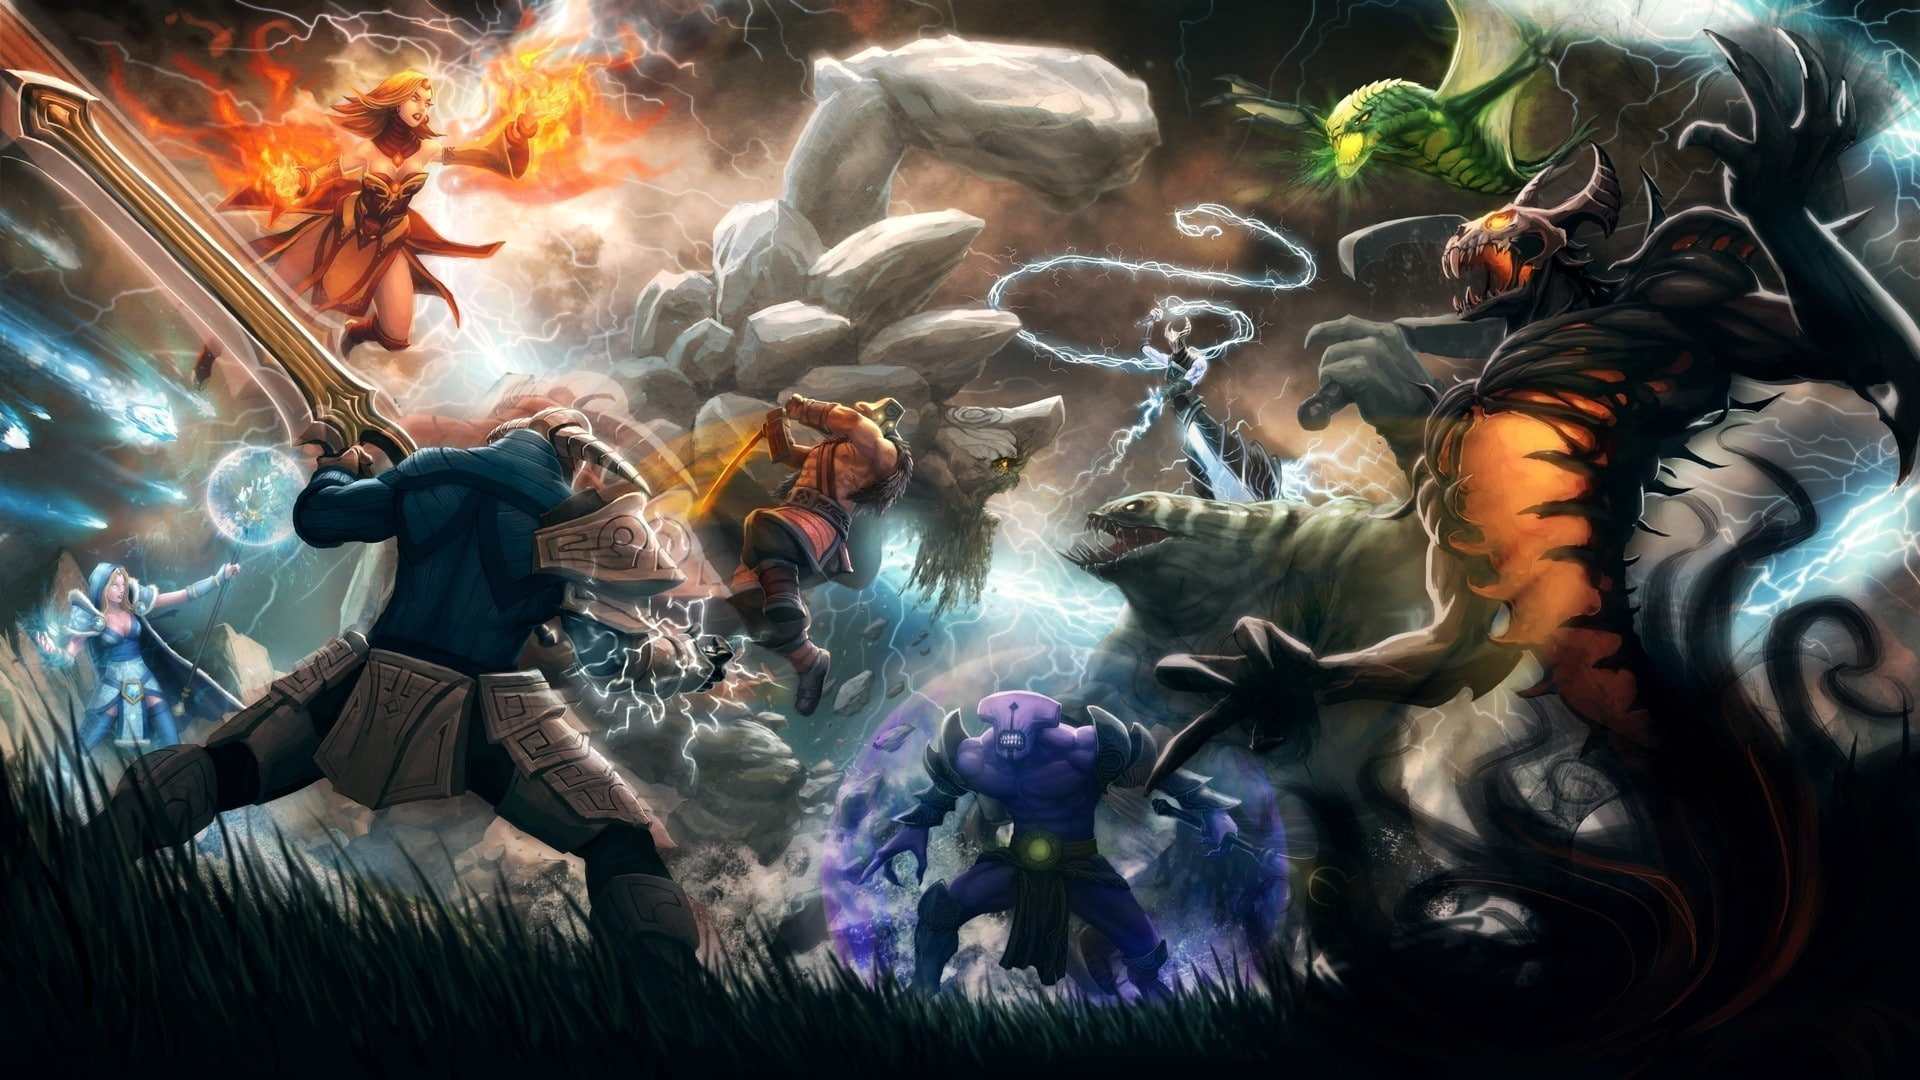 Karakter dalam permainan Dota 2 yang sedang bertempur Foto: Valve